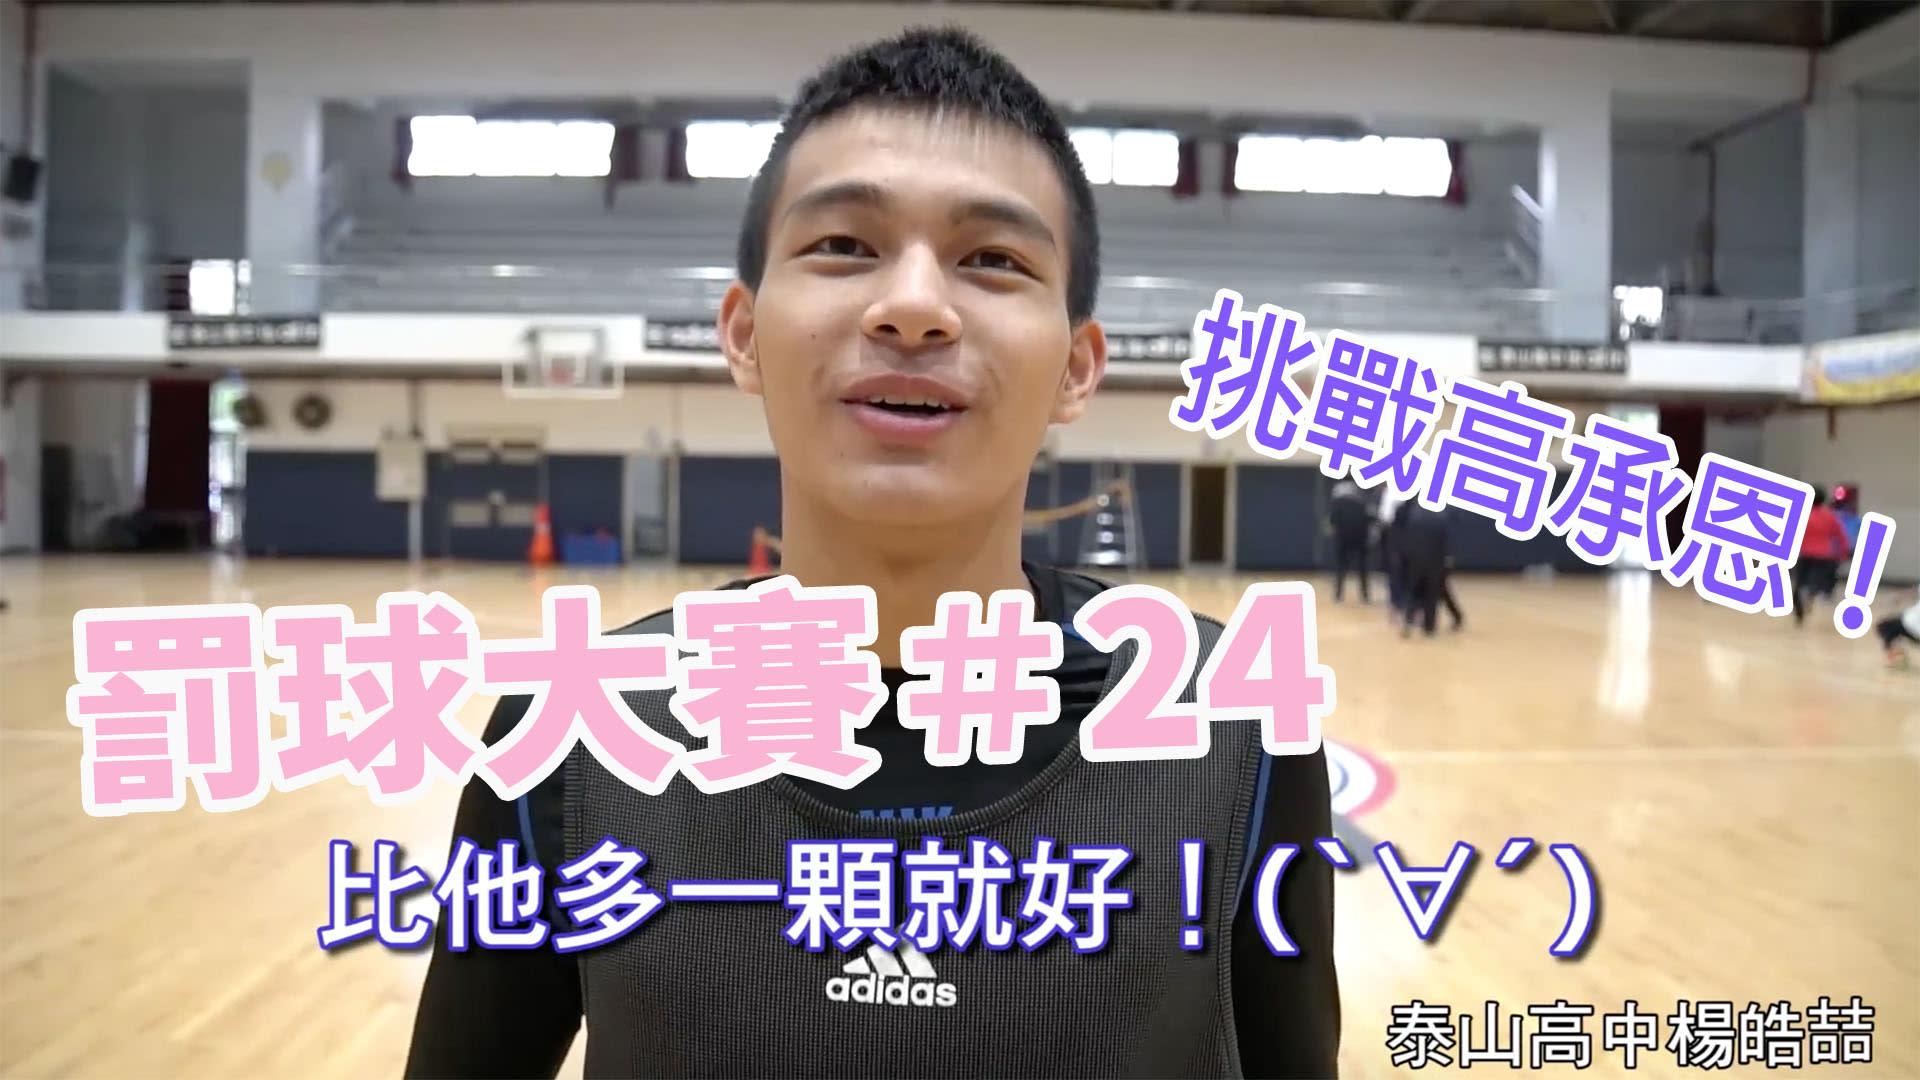 罰球大賽#24 泰山高中 楊皓喆